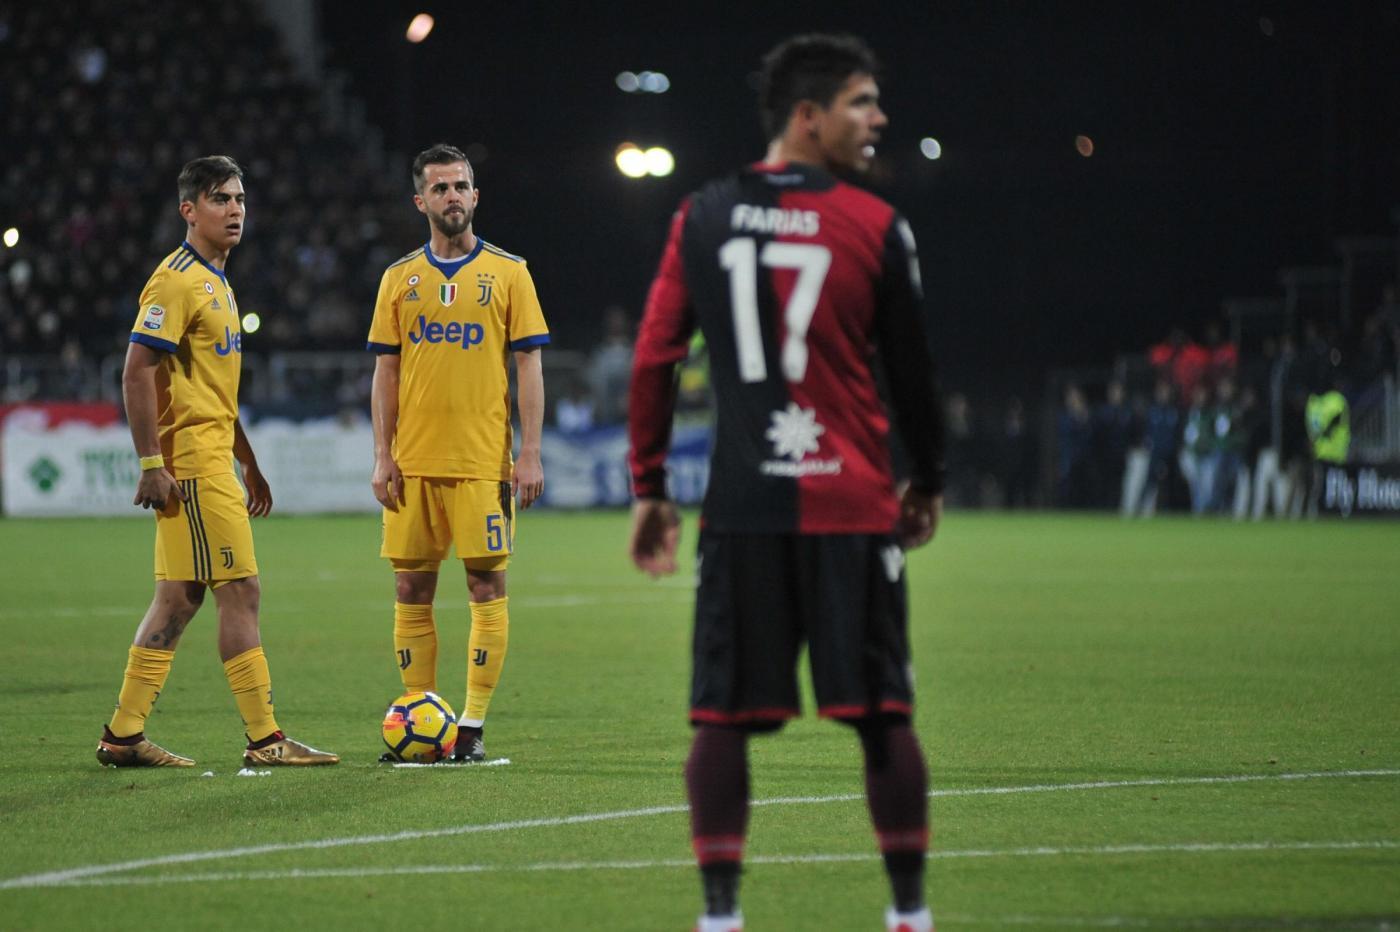 La Juventus passa a Cagliari con Bernardeschi